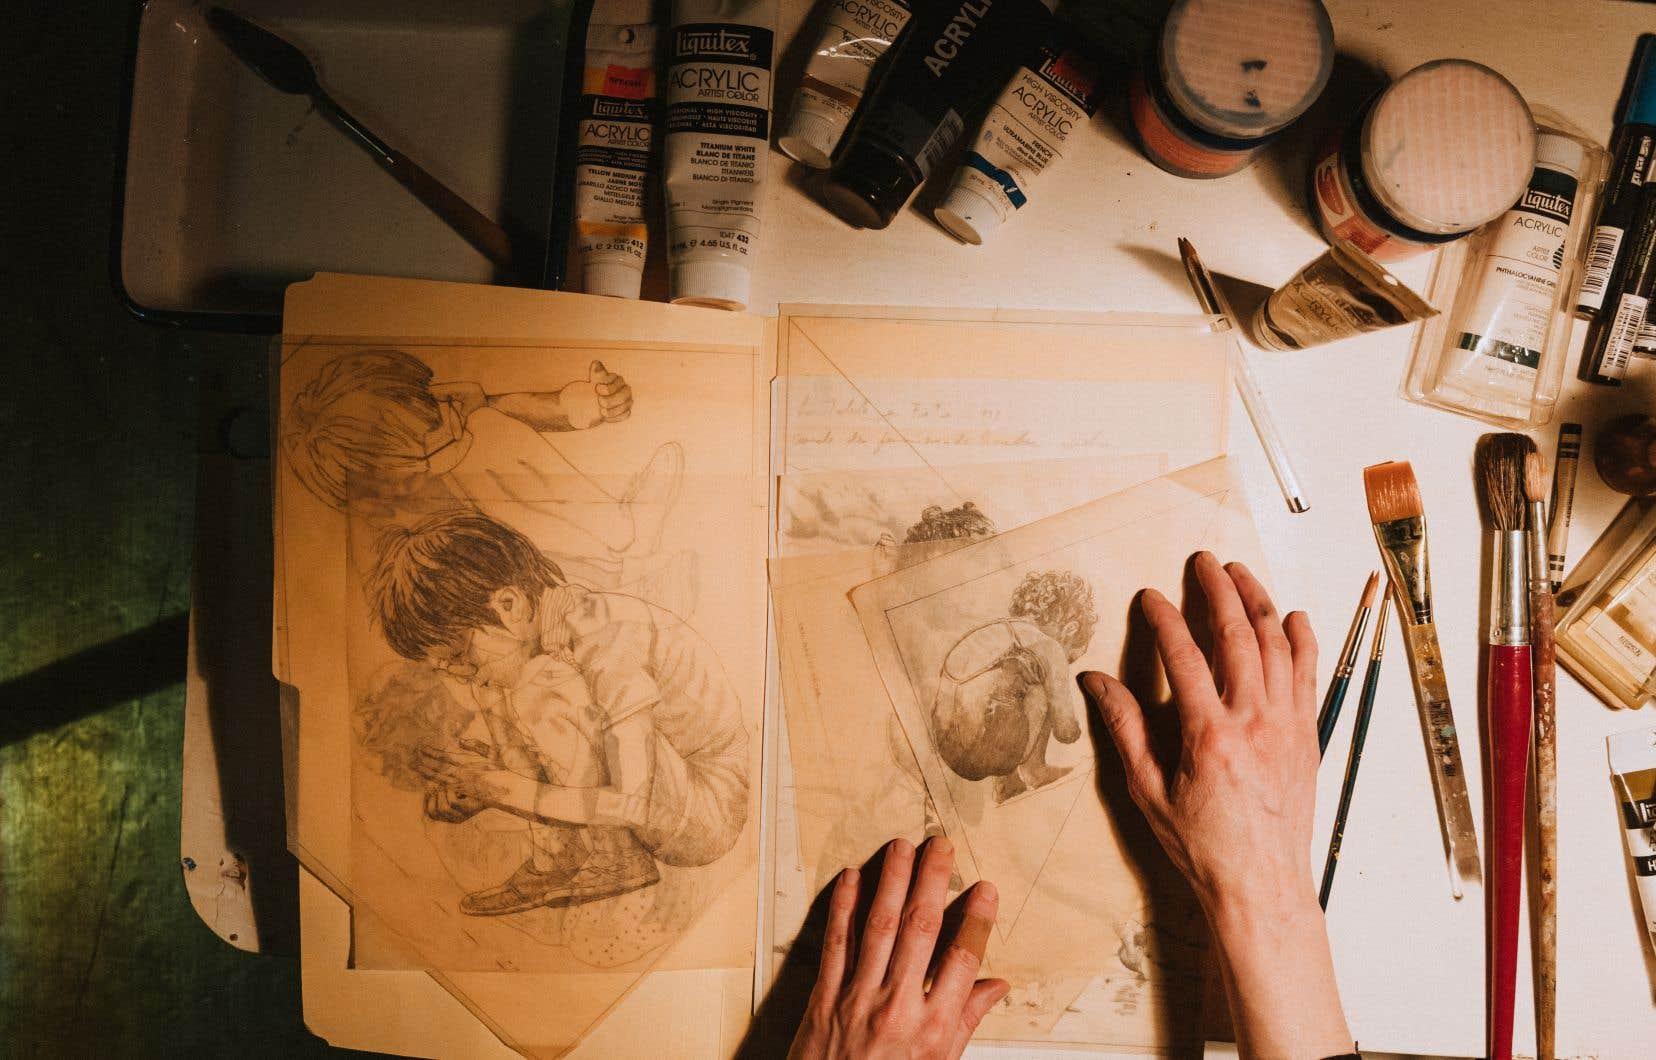 Avec«Ainsi passe la chair», Sara Moisan part de son rapport à l'œuvre de son père, le peintre Gatien Moisan. Elle désirait depuis longtemps travailler avec les matériaux contenus dans son atelier.